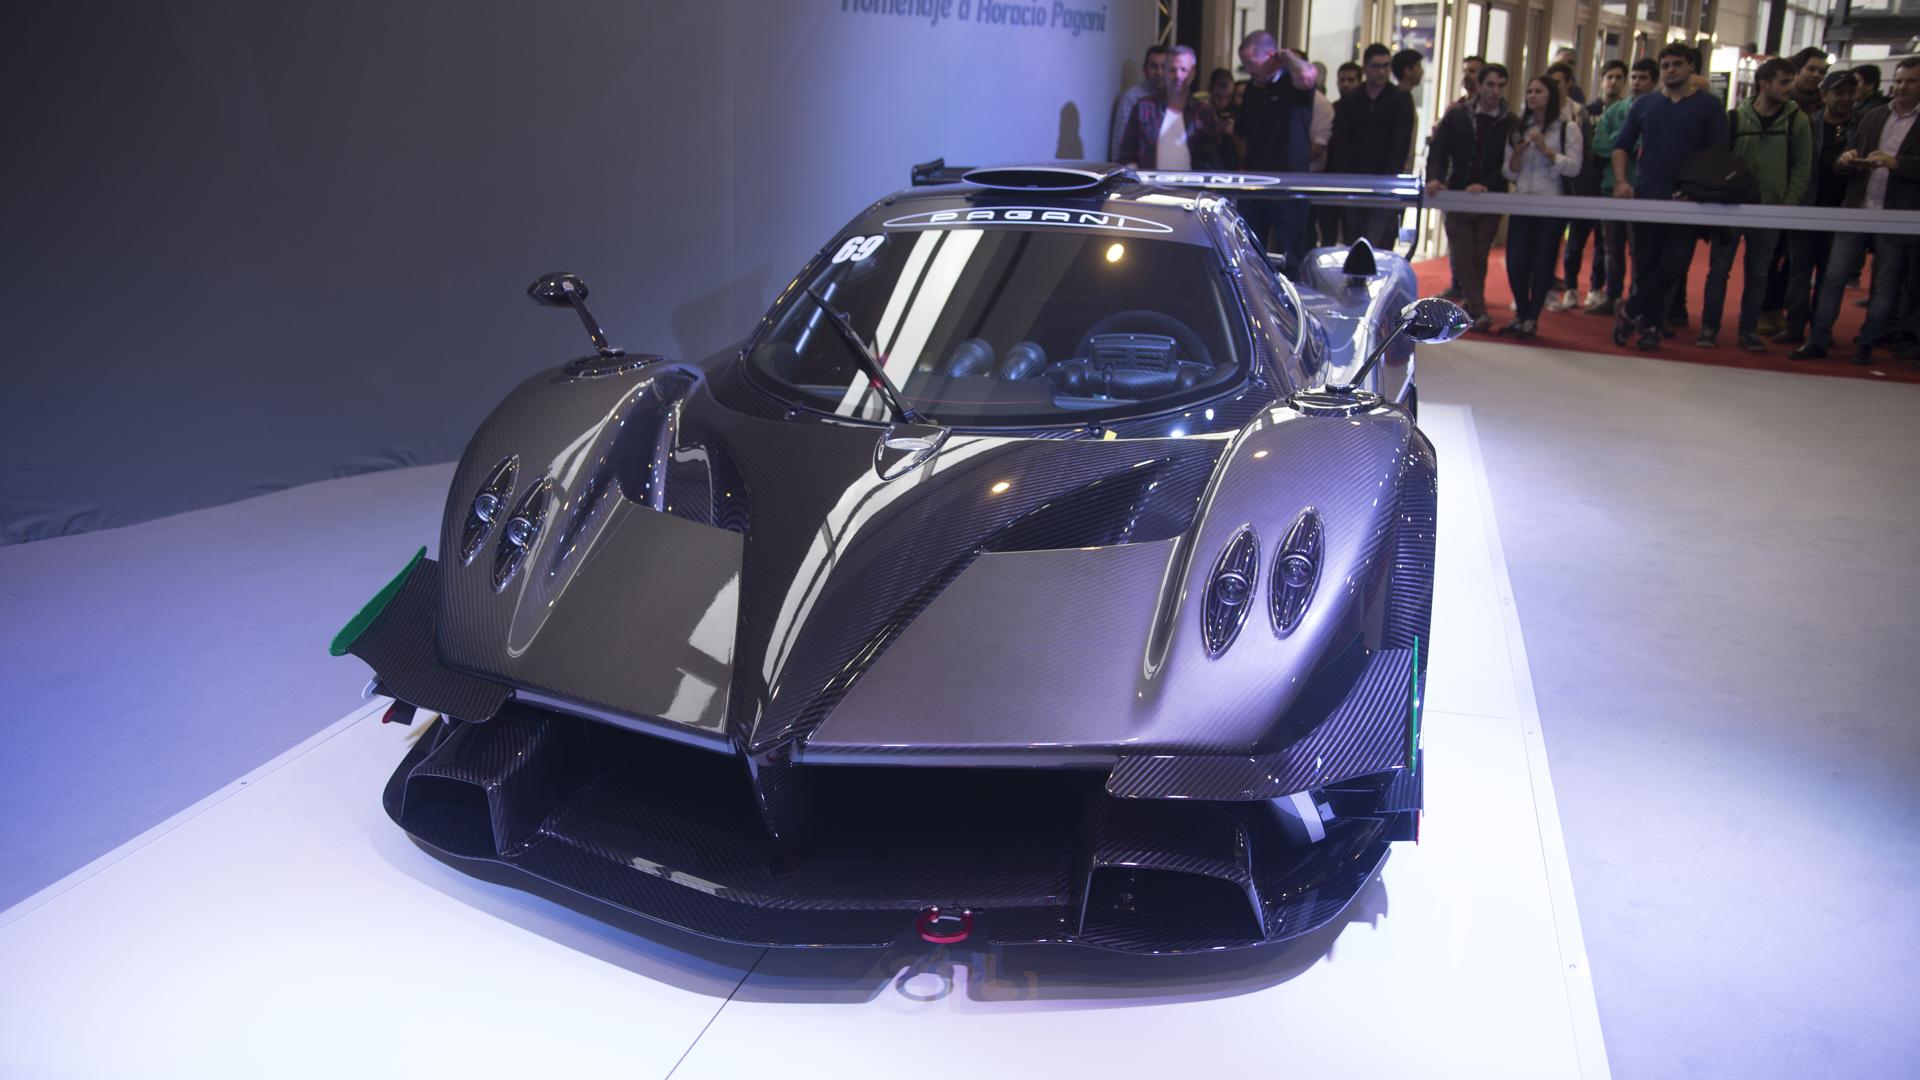 El Pagani Zonda Revolution de Pablo Pérez Companc es el auto más convocante de la feria automotriz